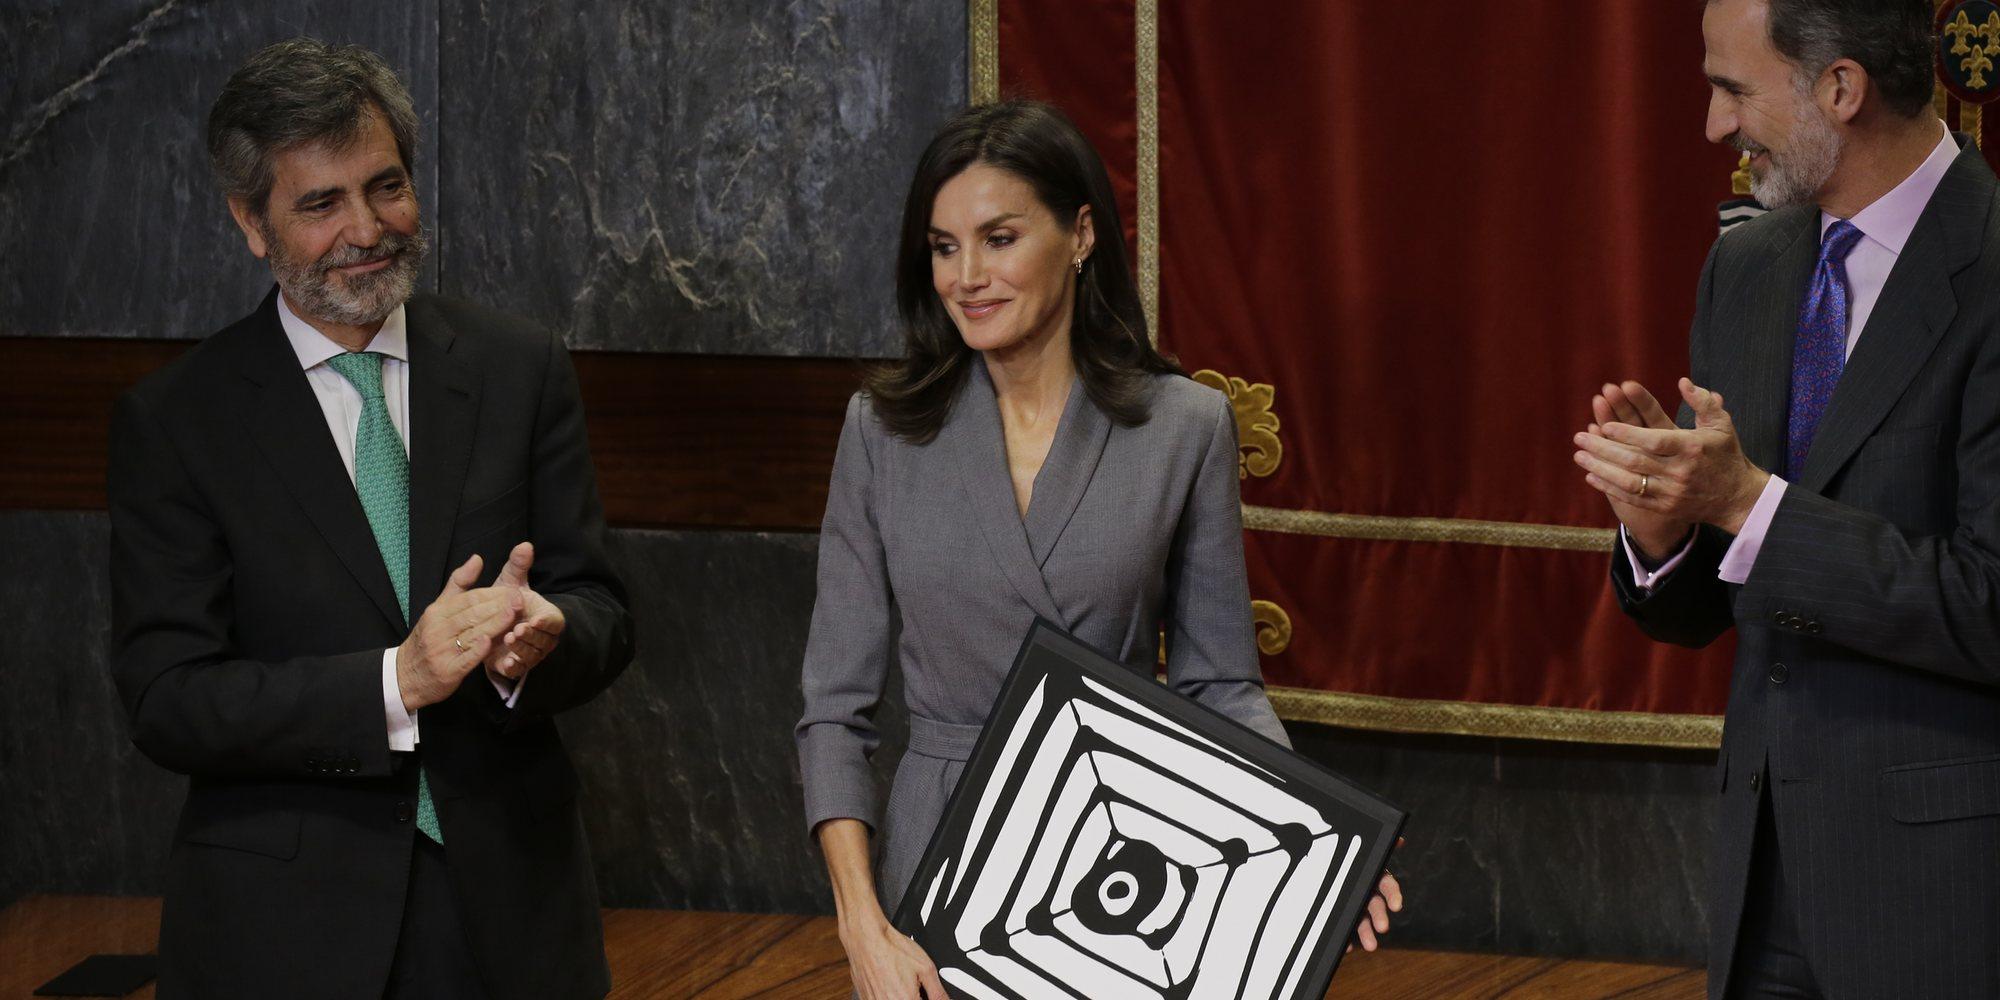 La Reina Letizia, premiada por su labor y compromiso contra la violencia de género